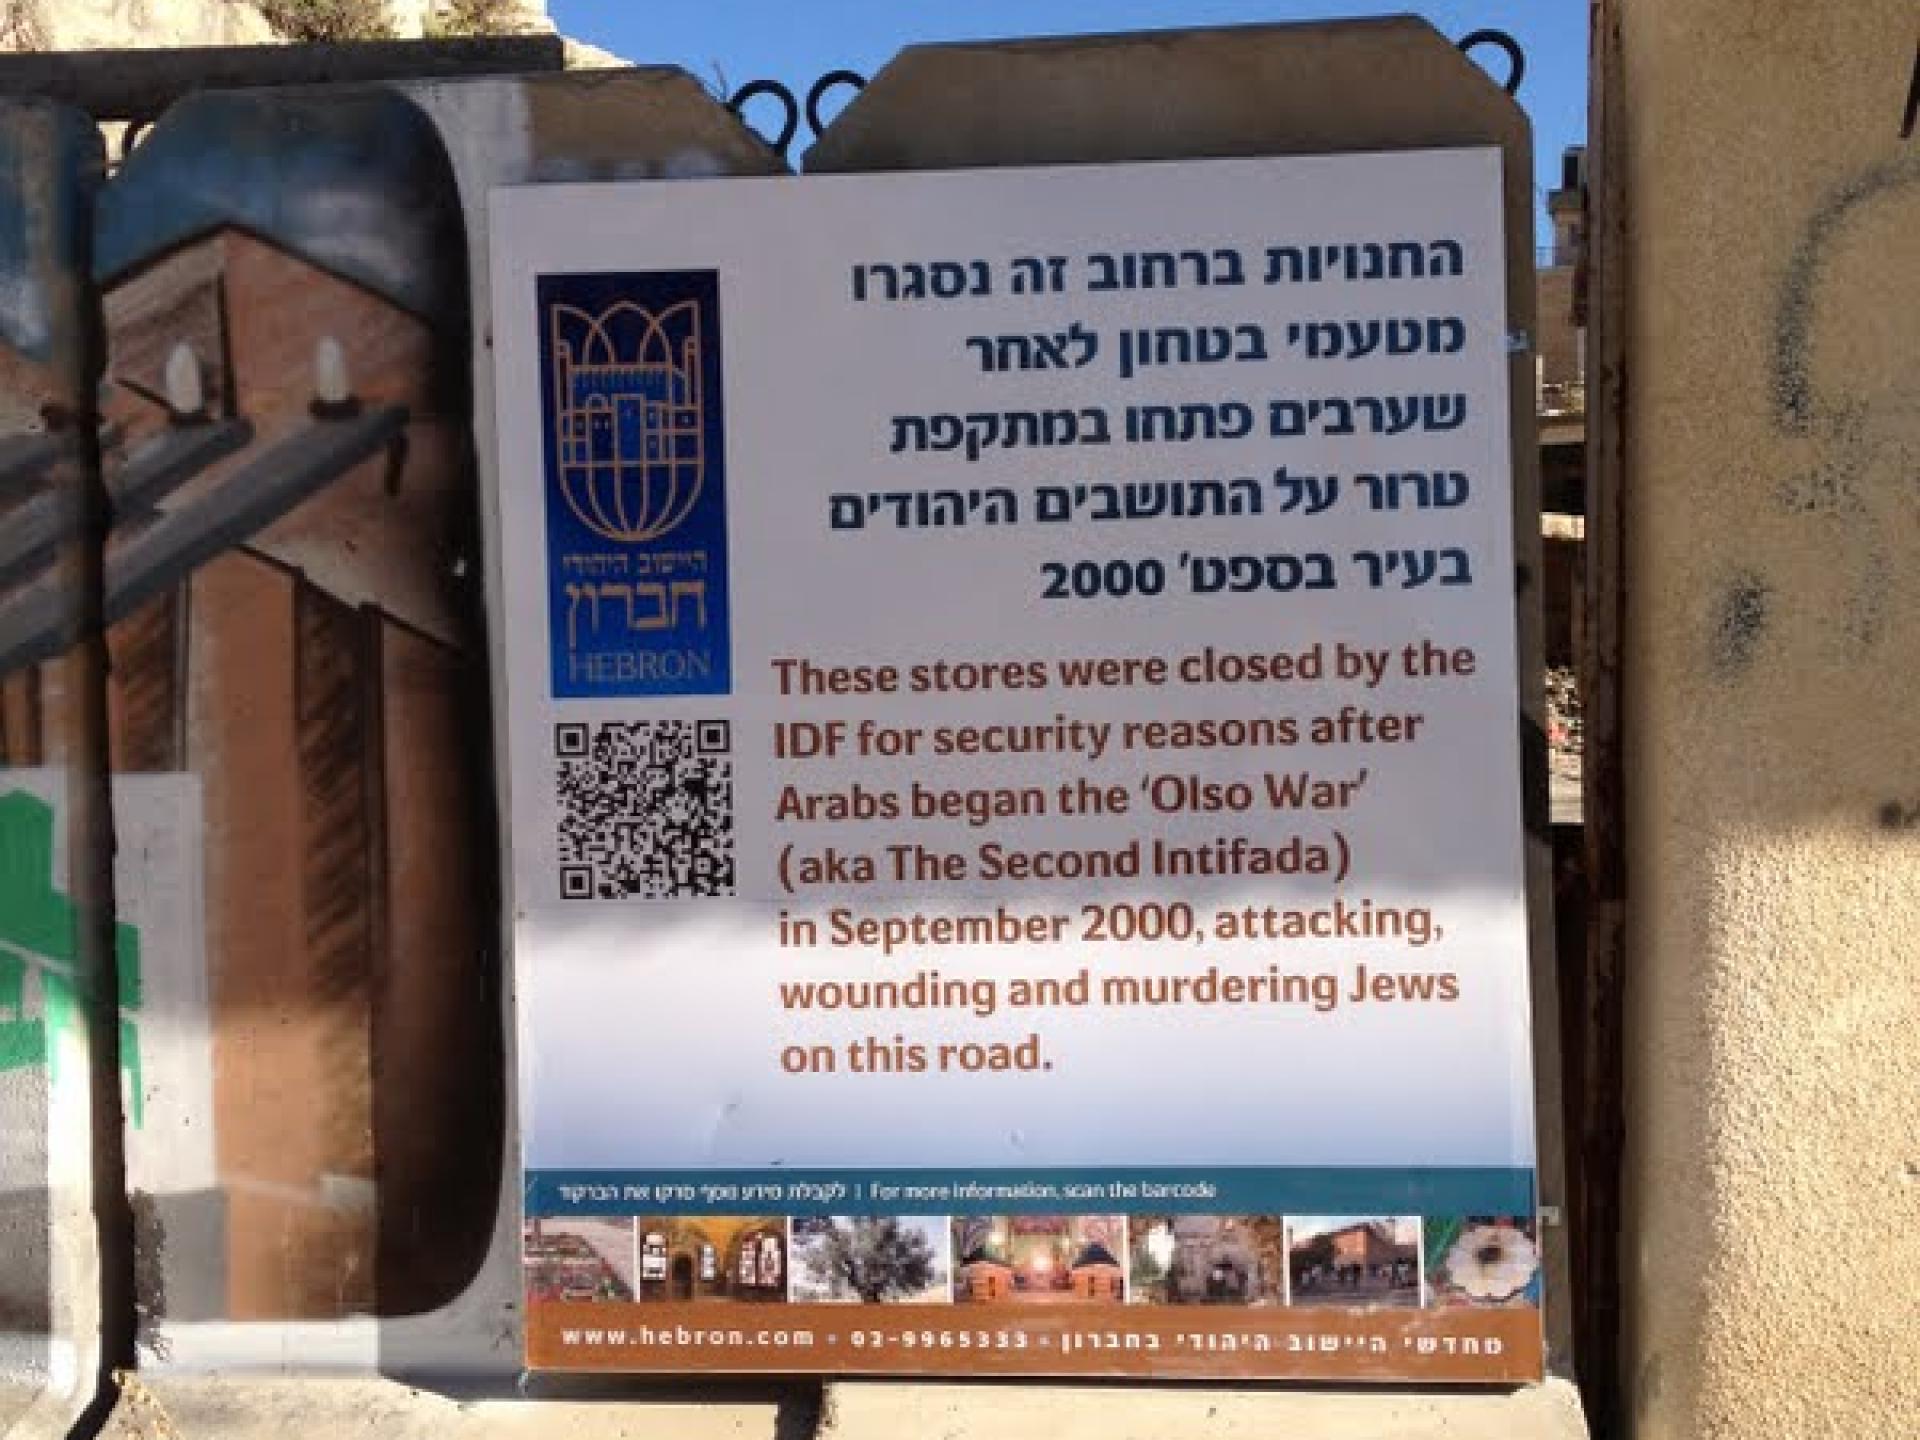 Hebron, Shuhada street 16.04.12